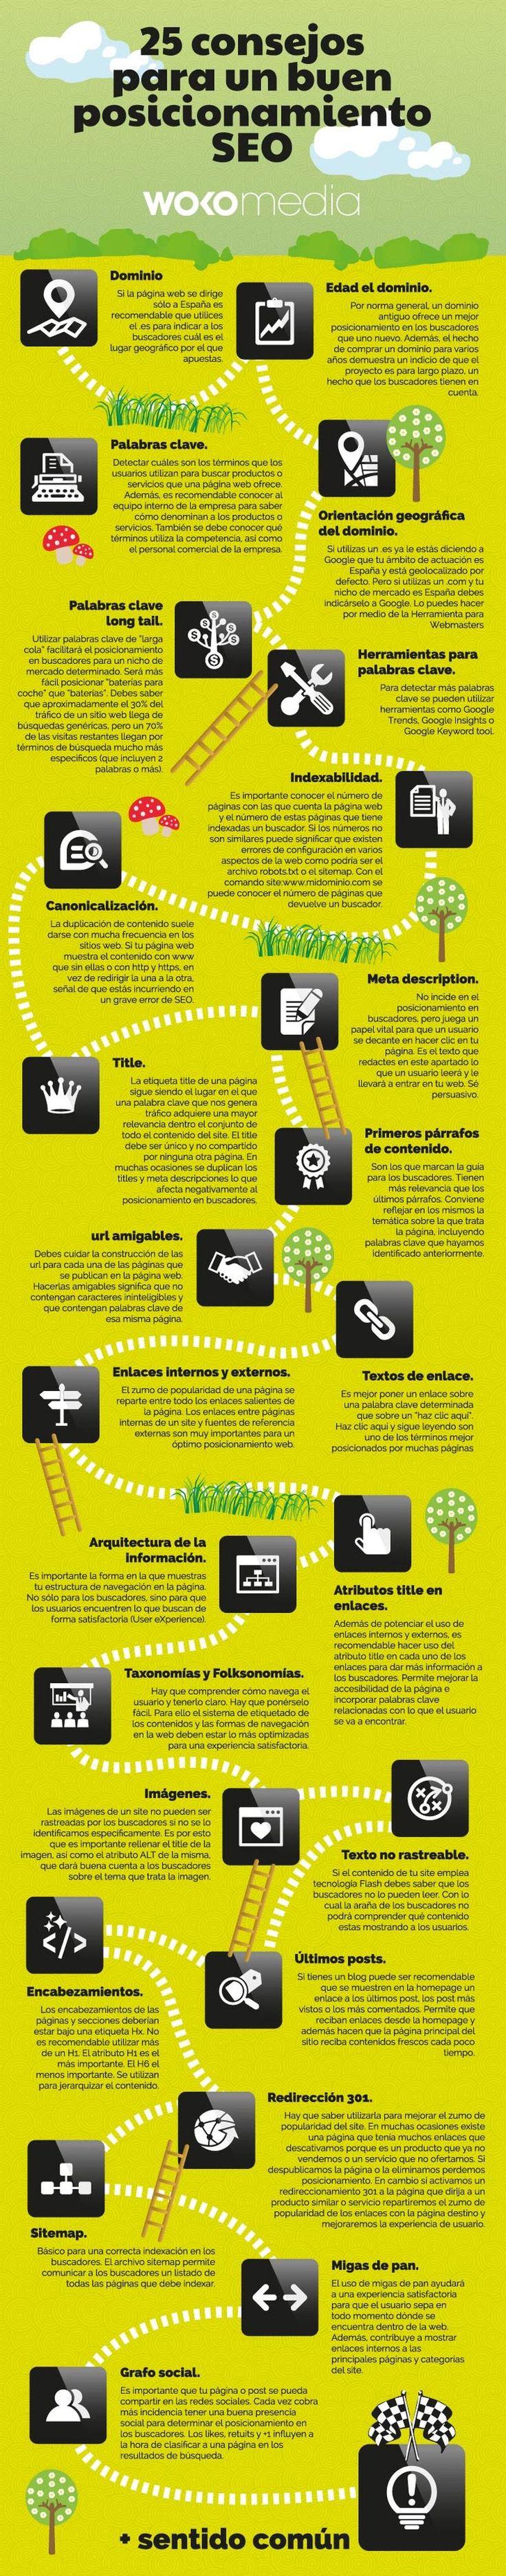 Consigue un buen posicionamiento SEO con estos 25 consejos (infografía)